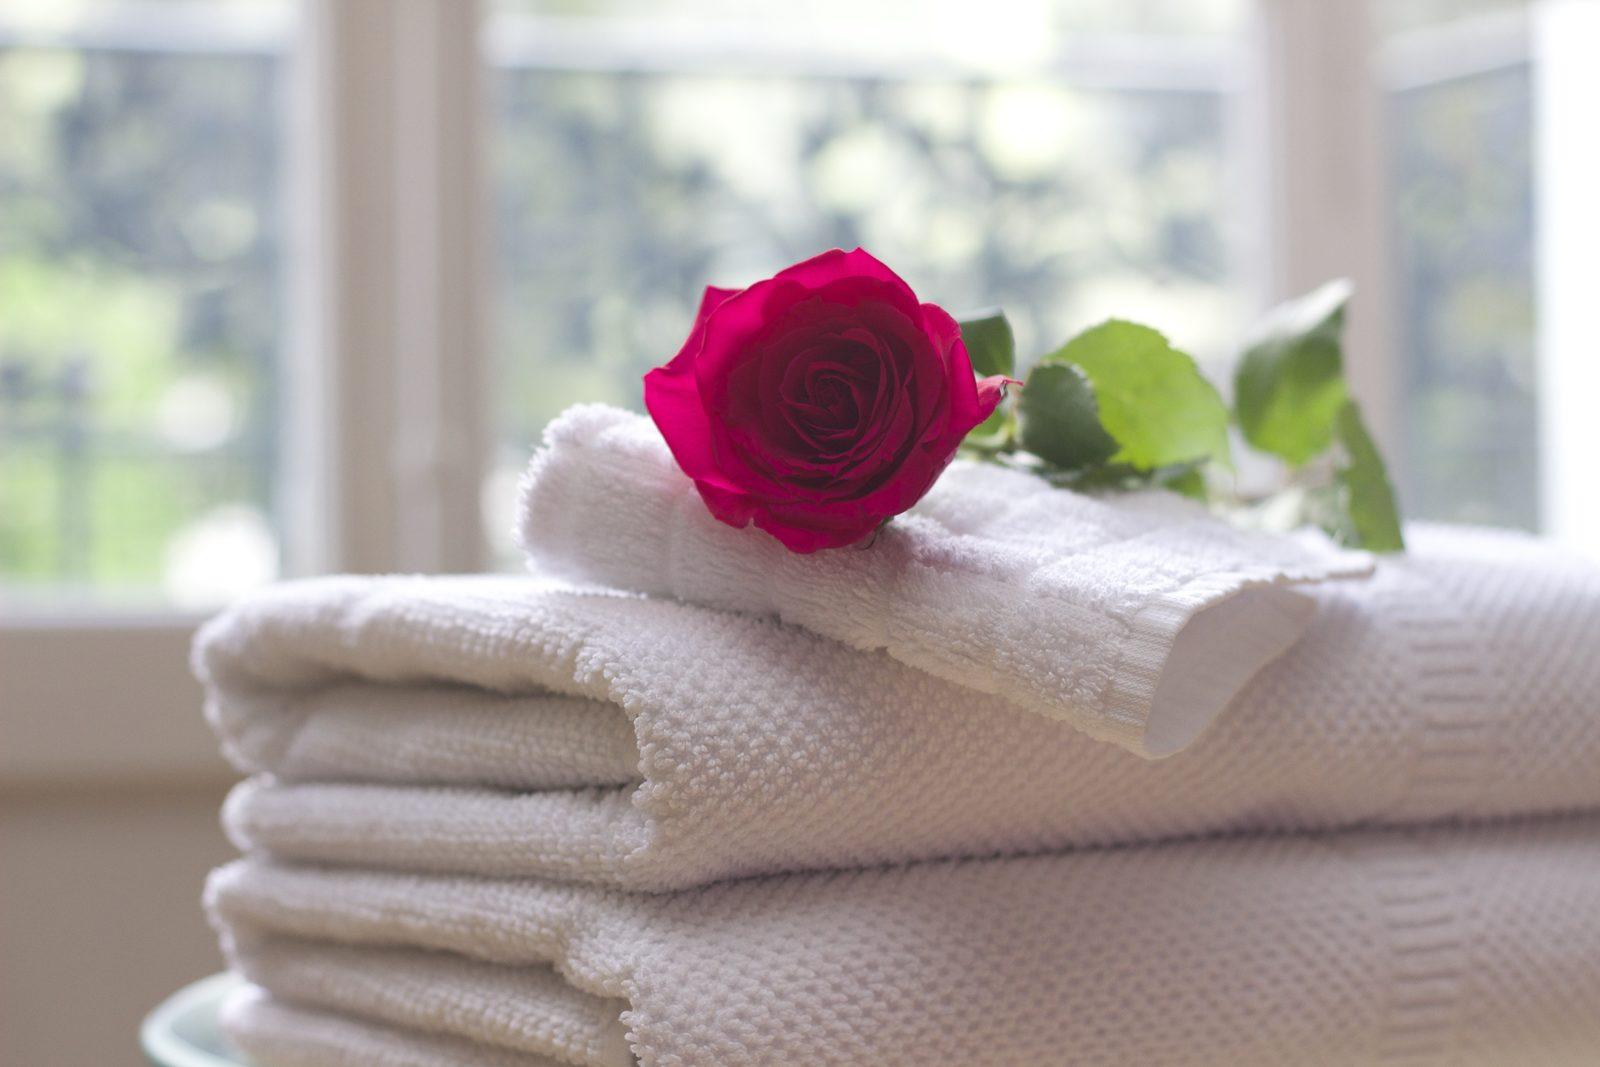 Linen service